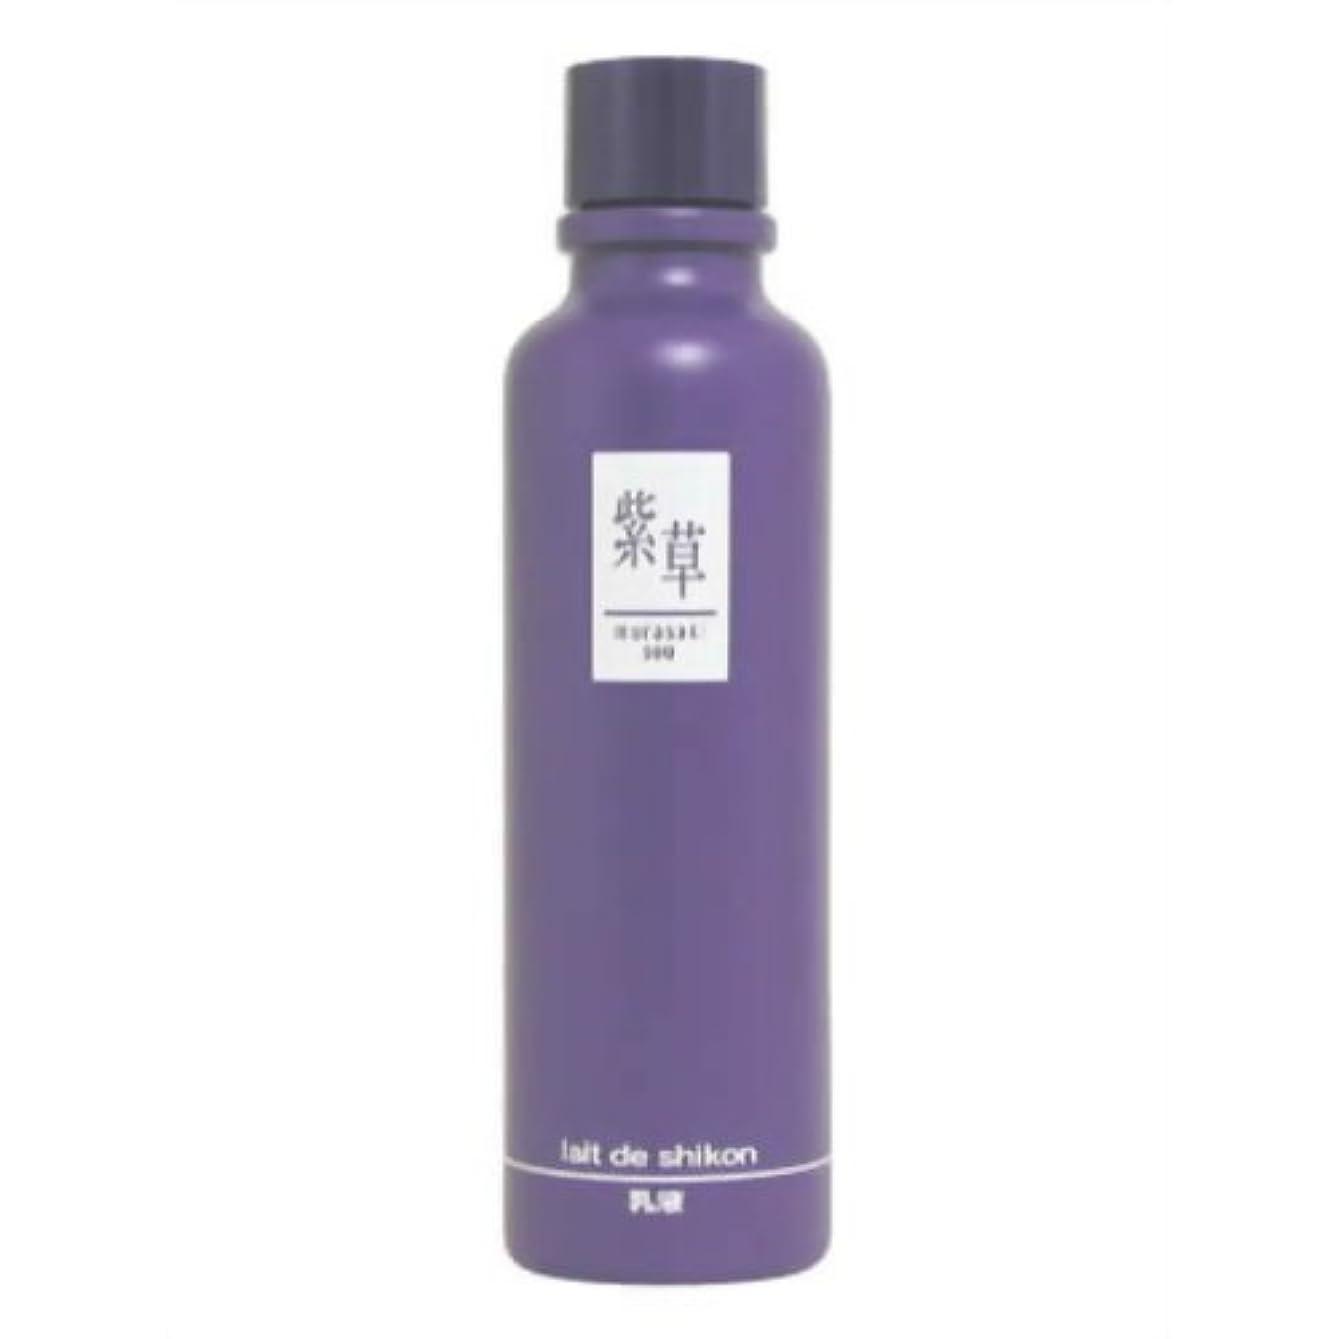 遅れまで交流する紫草 レーデシコン(乳液) 120ml